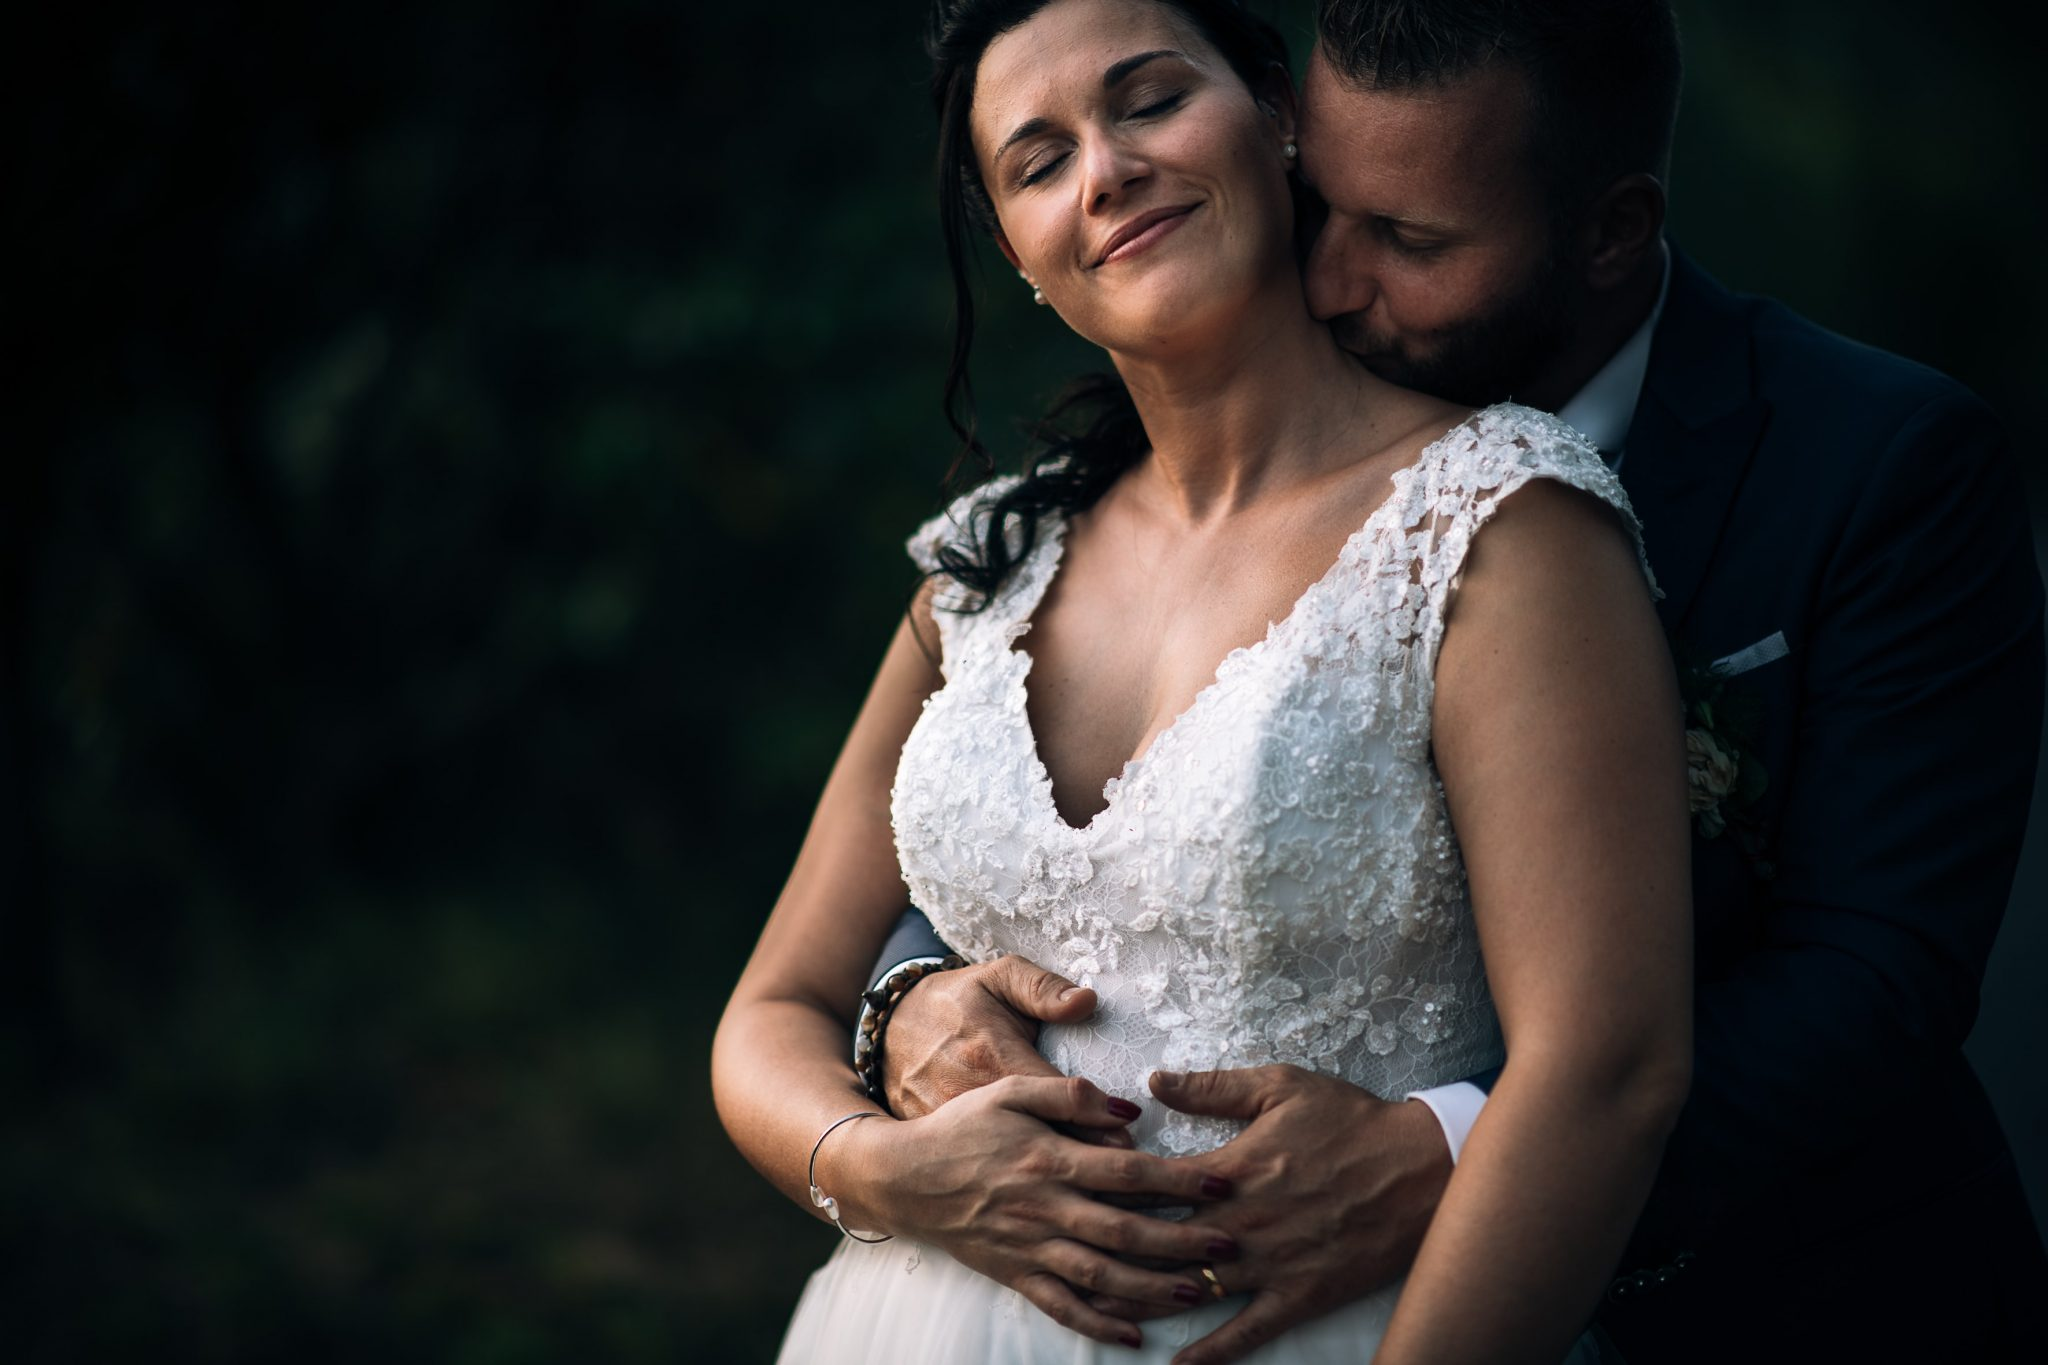 la sposa sorride mentre lo sposso l'abbraccia e la bacia